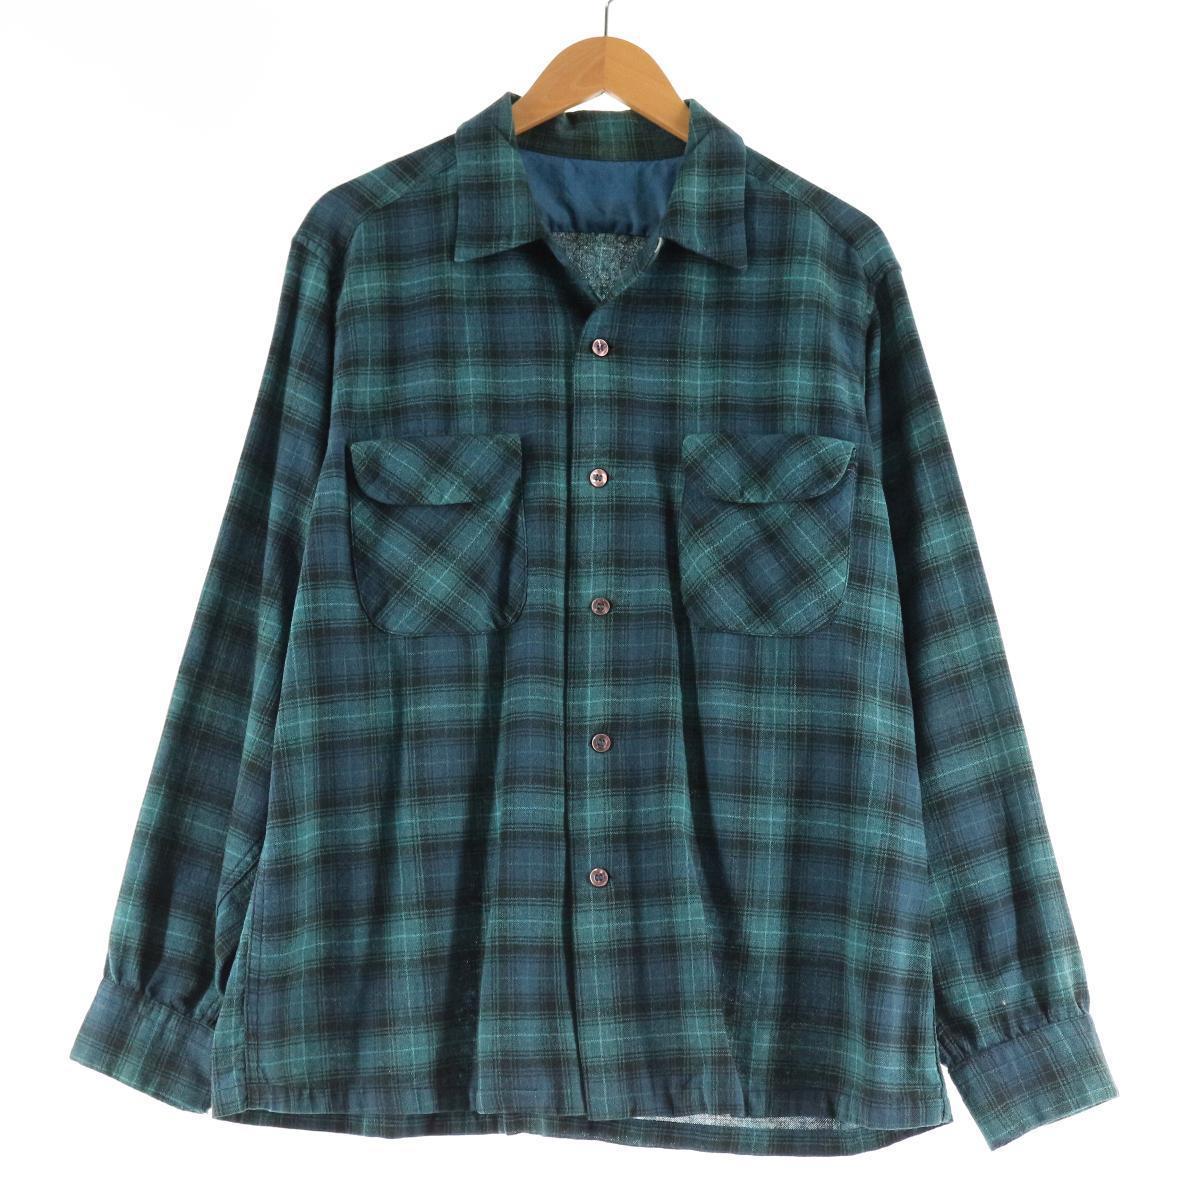 60年代 UNKNOWN チェック柄 オープンカラー 長袖 ライトネルシャツ ボックスシャツ メンズL ヴィンテージ